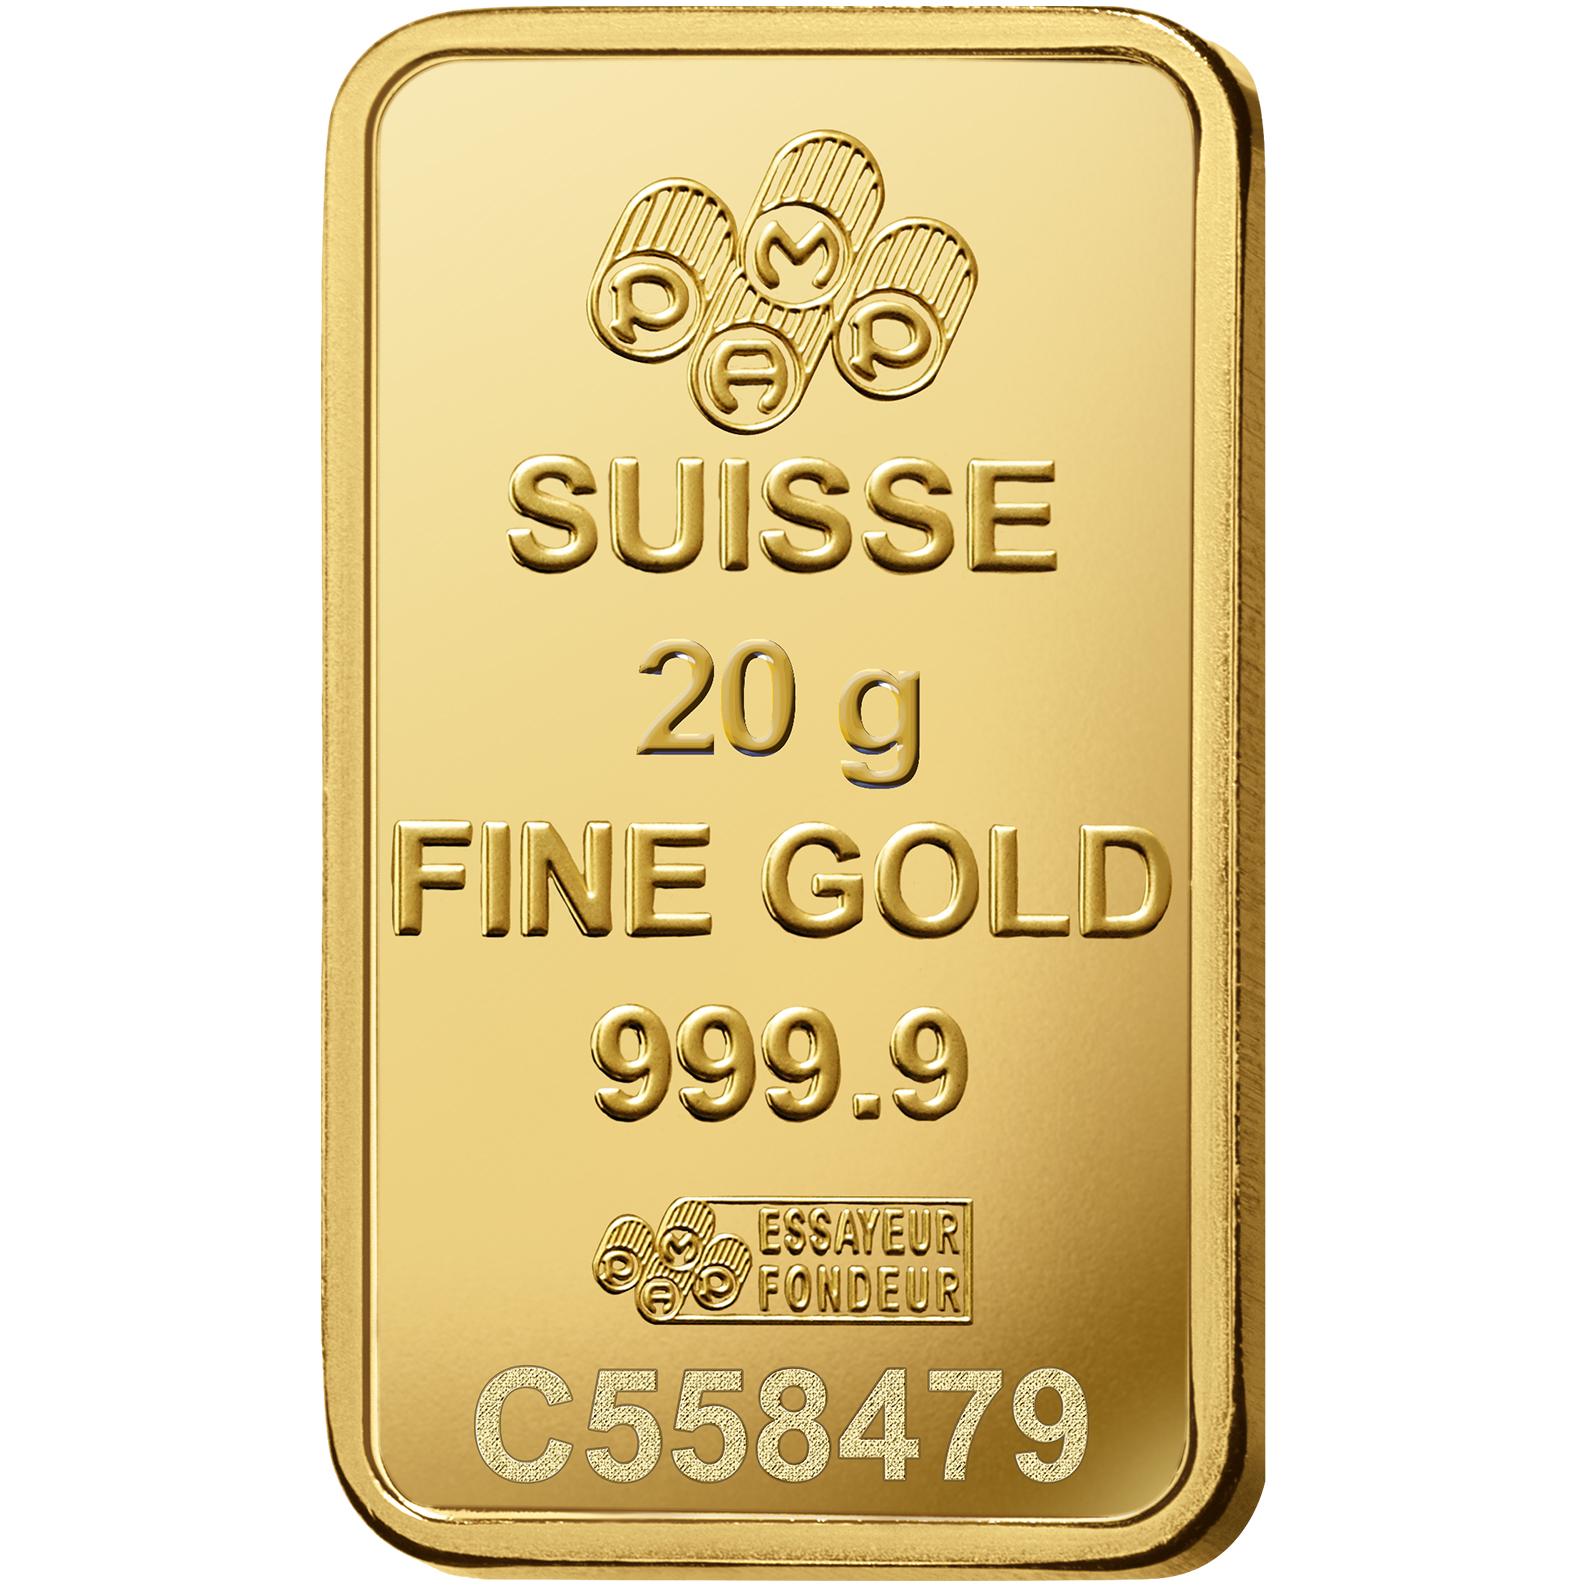 20 Gramm FeinGoldbarren 999.9 - PAMP Suisse Rosa